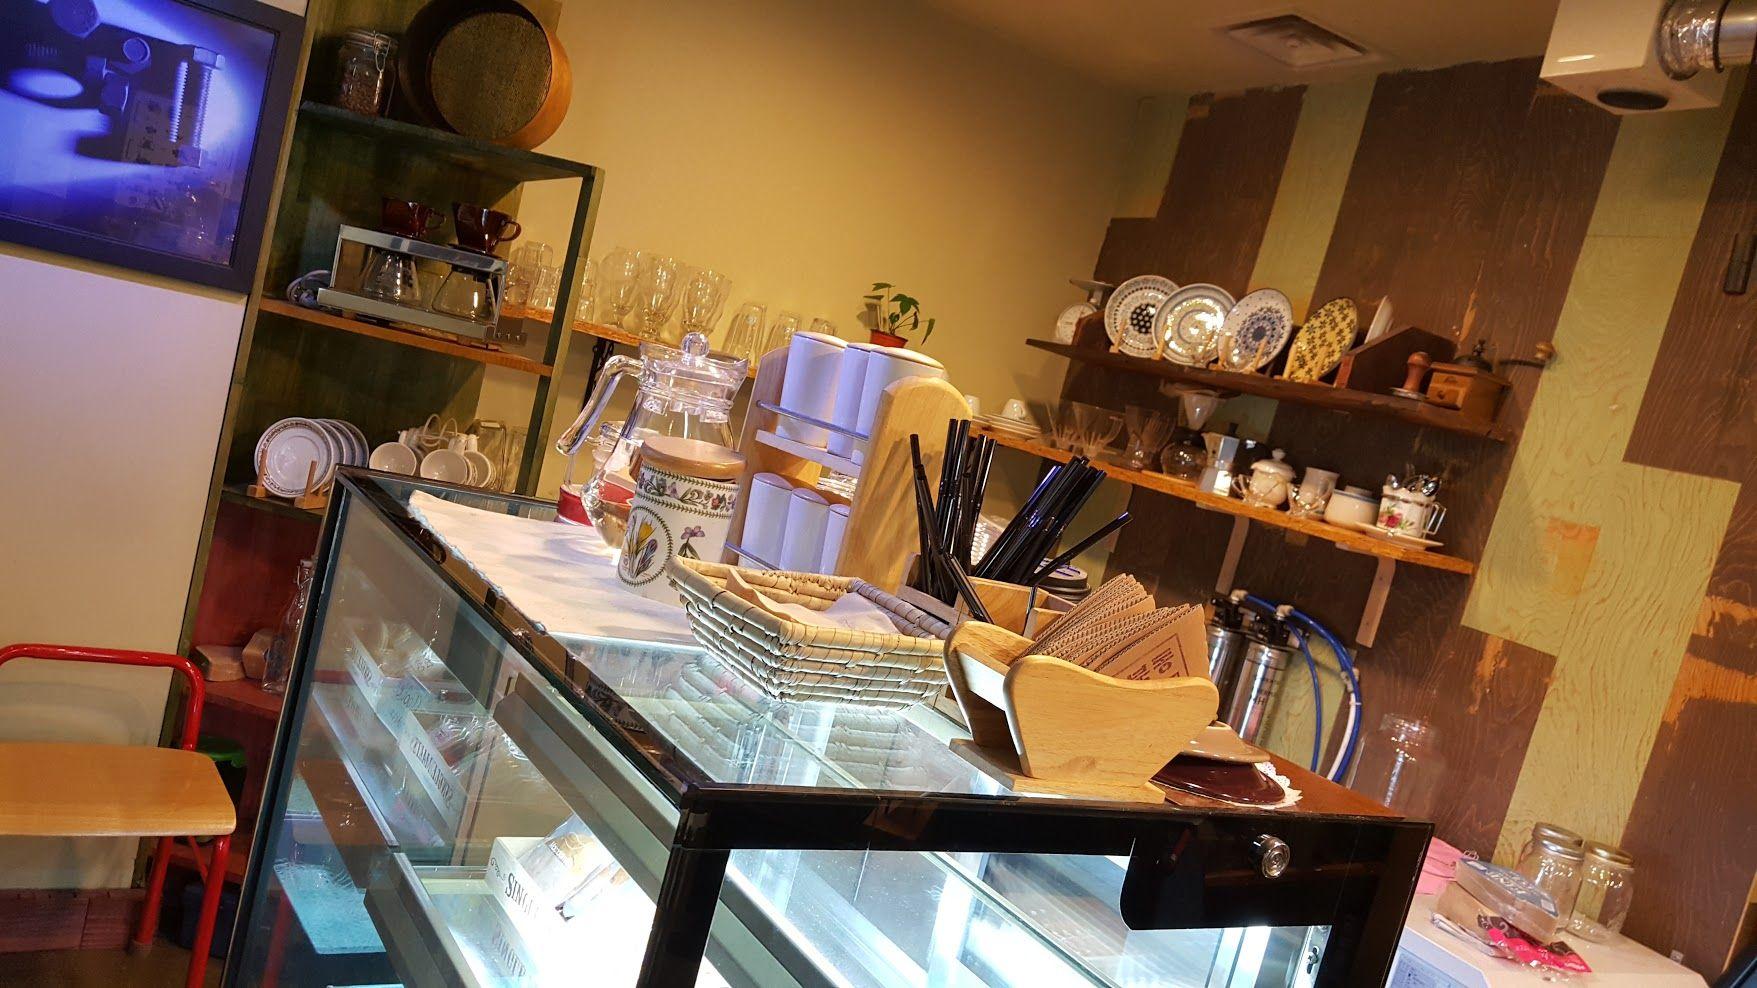 광화문에 있는 작은 직화식 로스터리 카페 성북동커피! #성북동커피